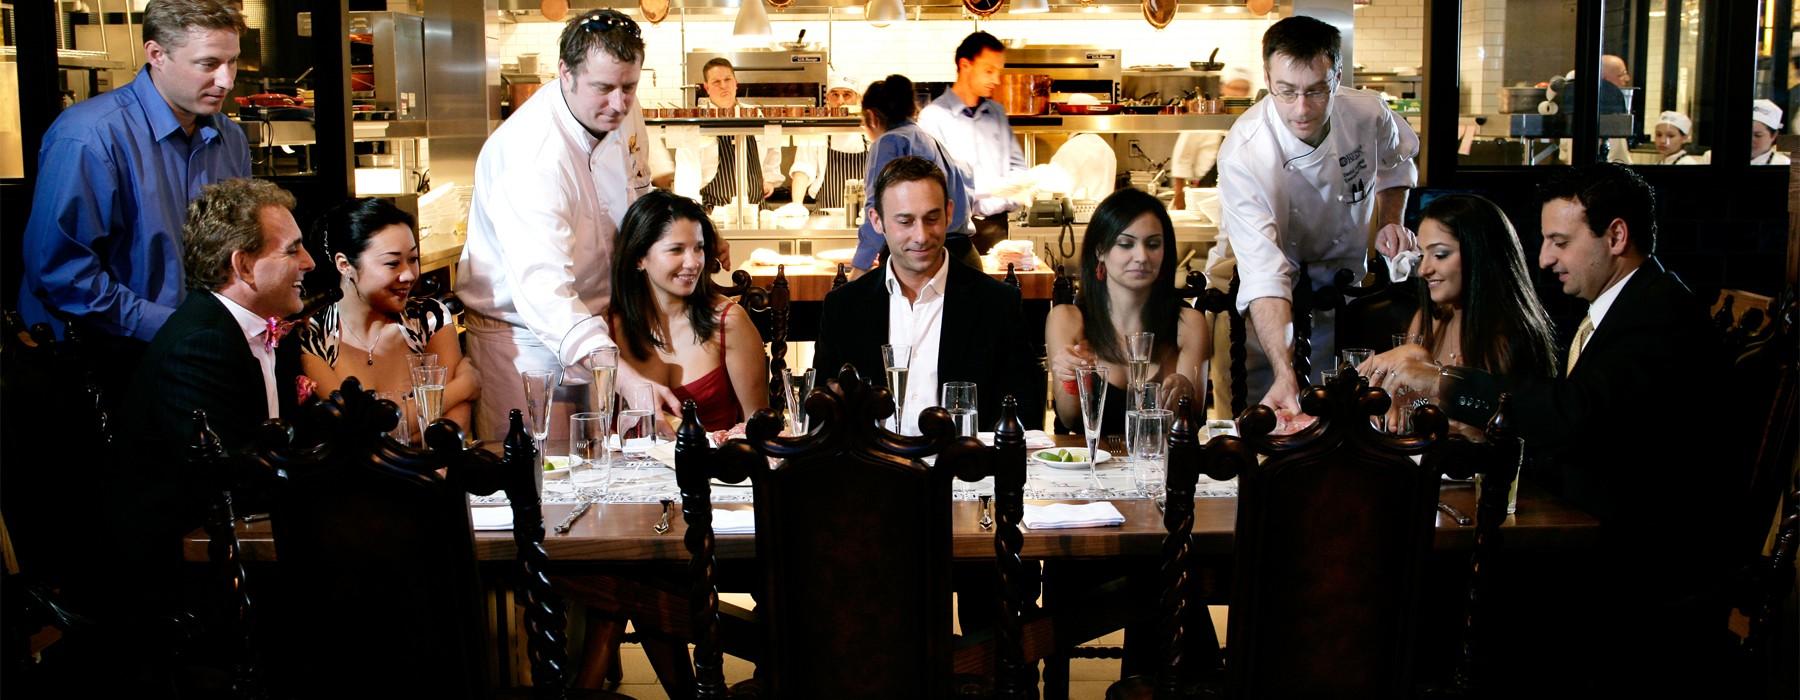 Supper Club, cene d'autore. In intimità